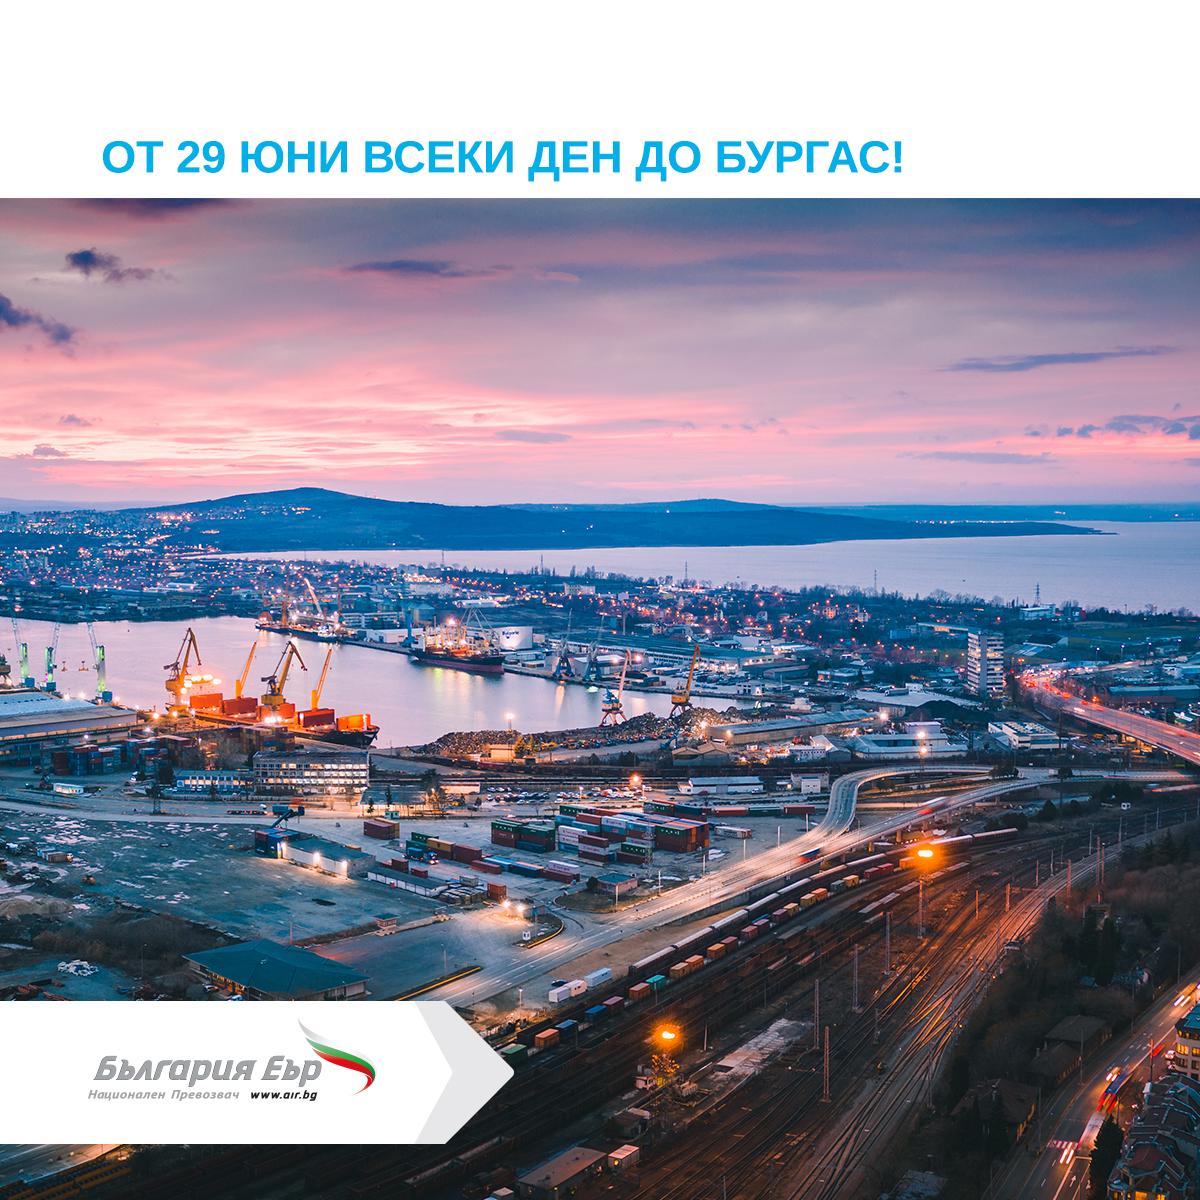 """""""България Еър"""" възобновява полетите си между София и Бургас от 29 юни 2020 г."""